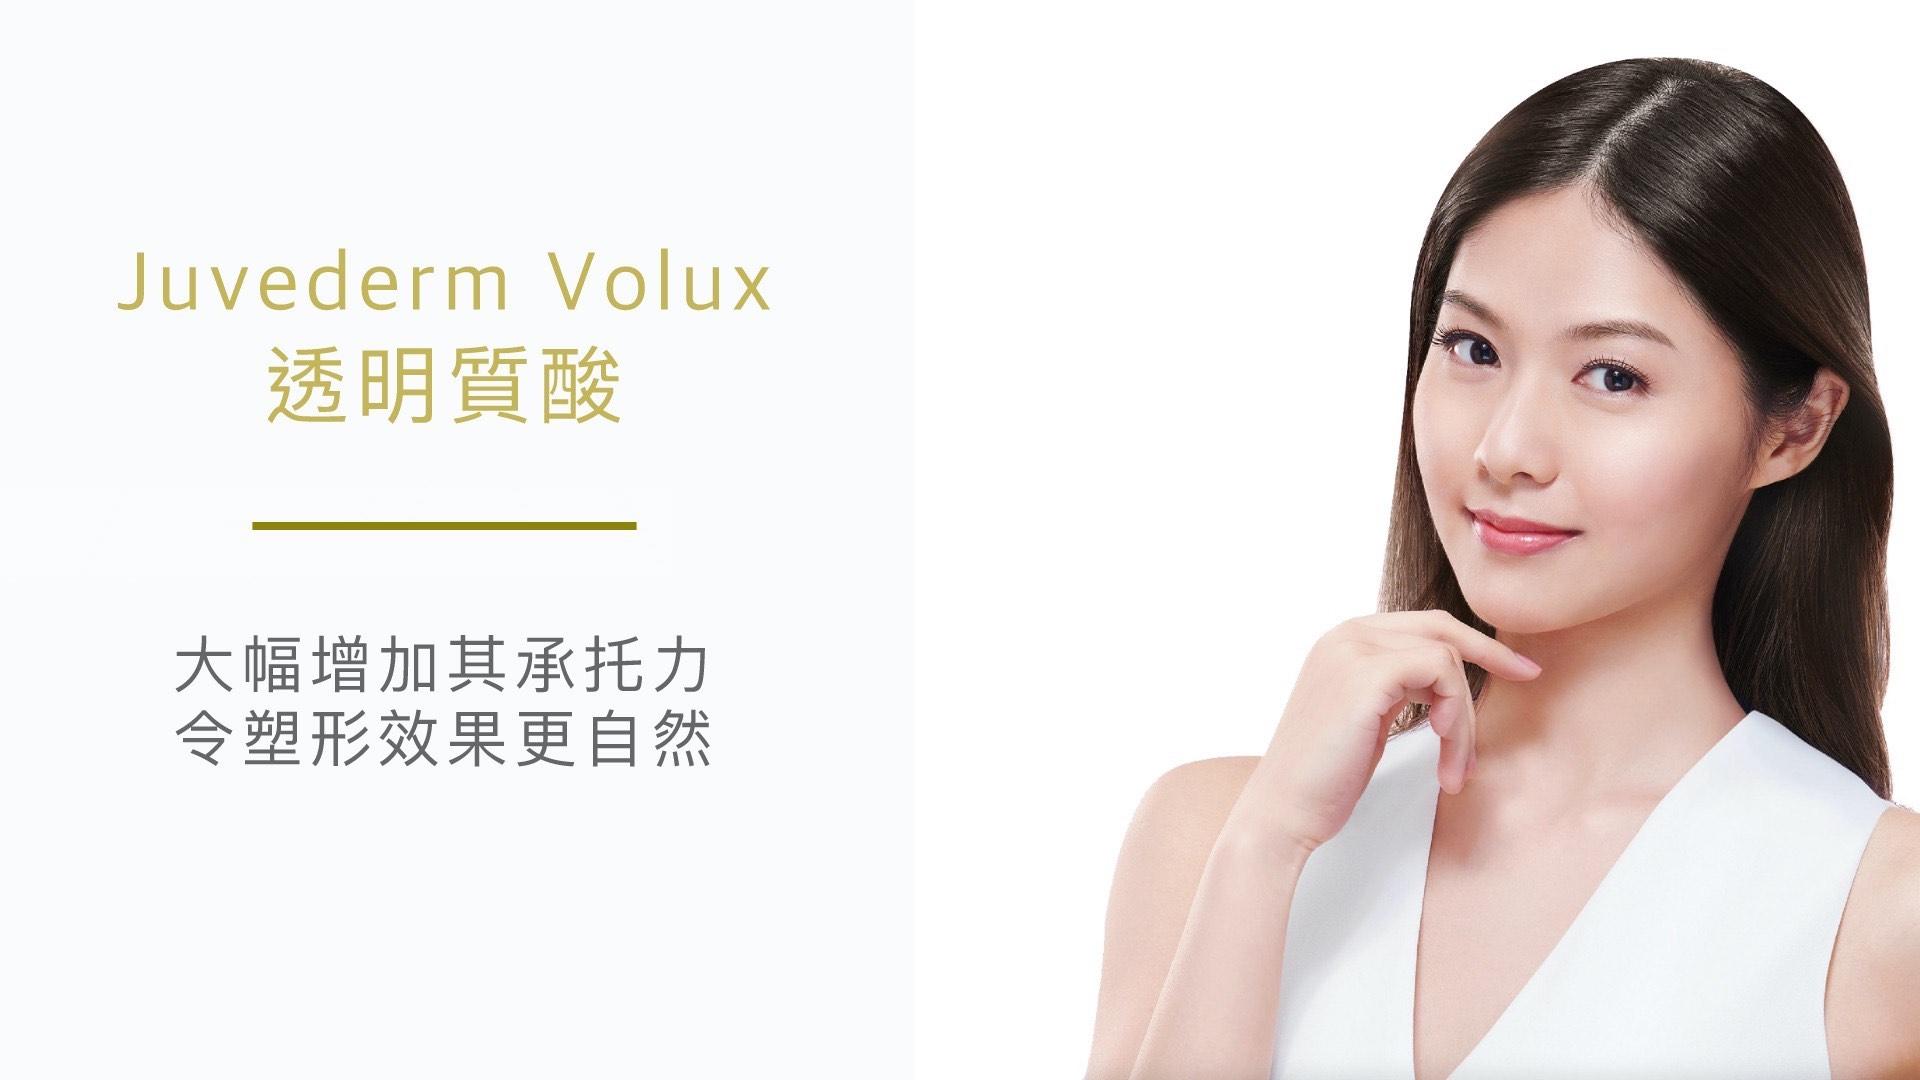 Juvederm Volux 透明質酸